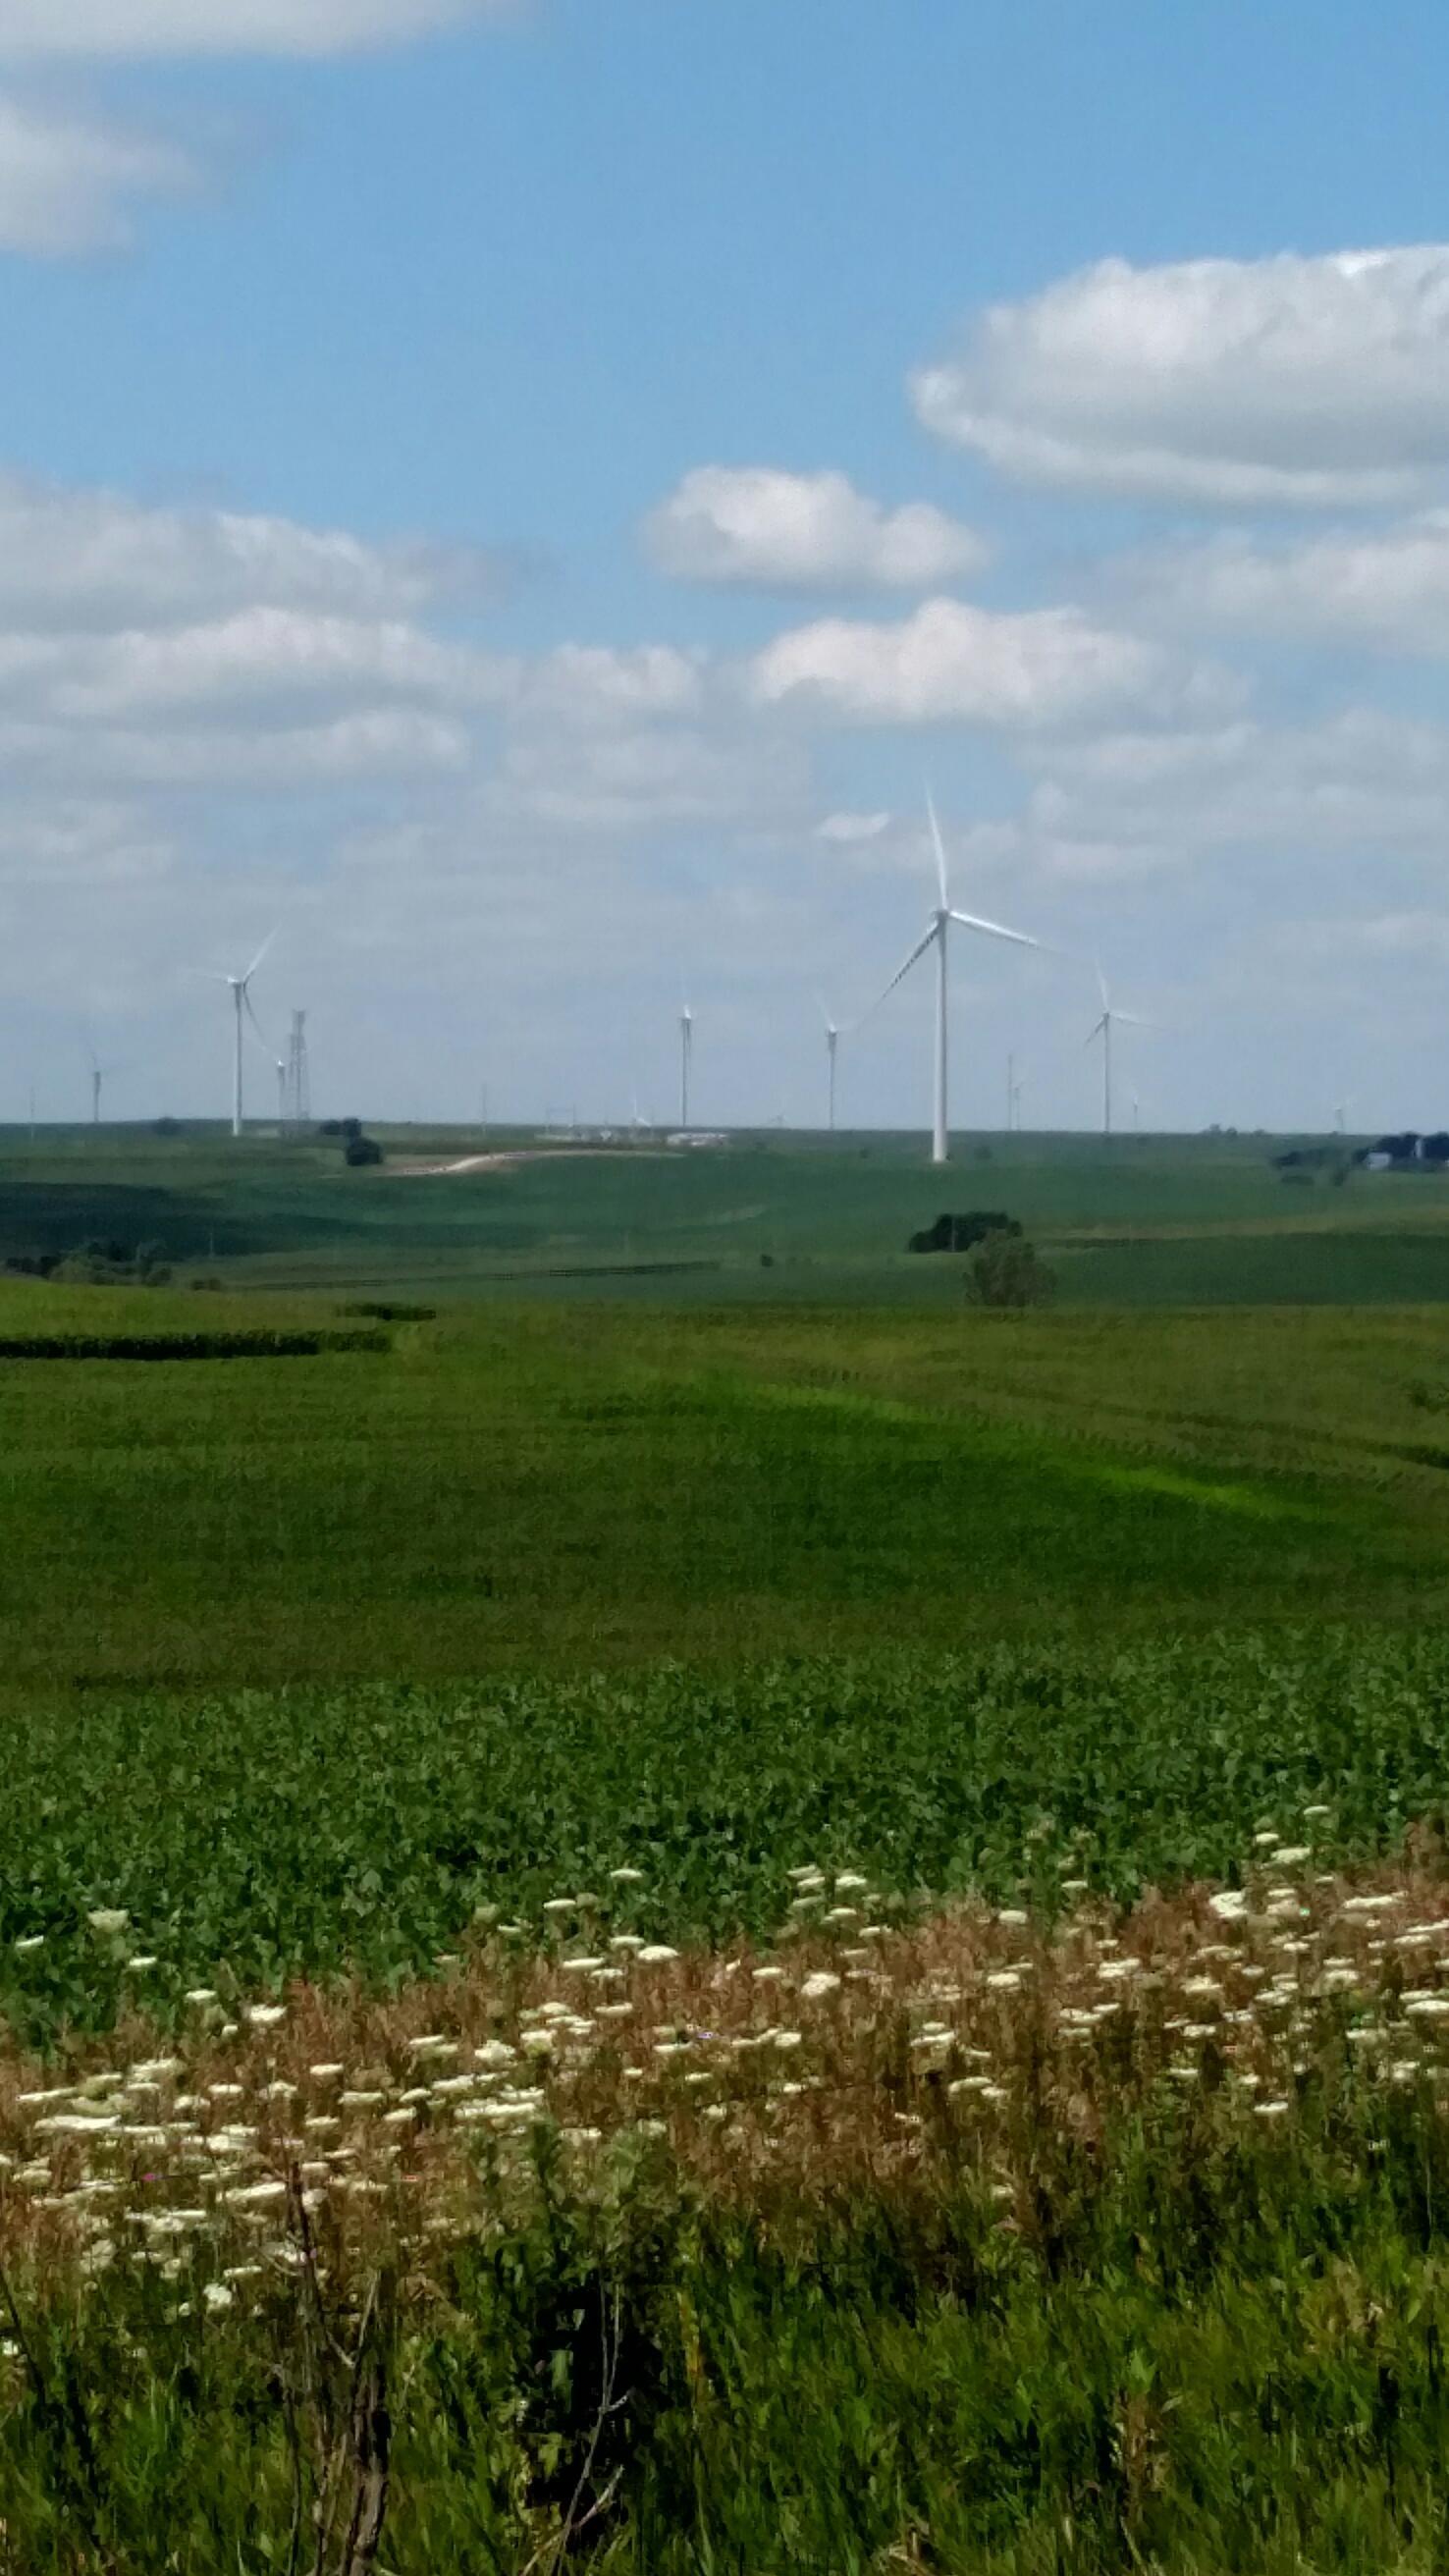 wind farm in distance